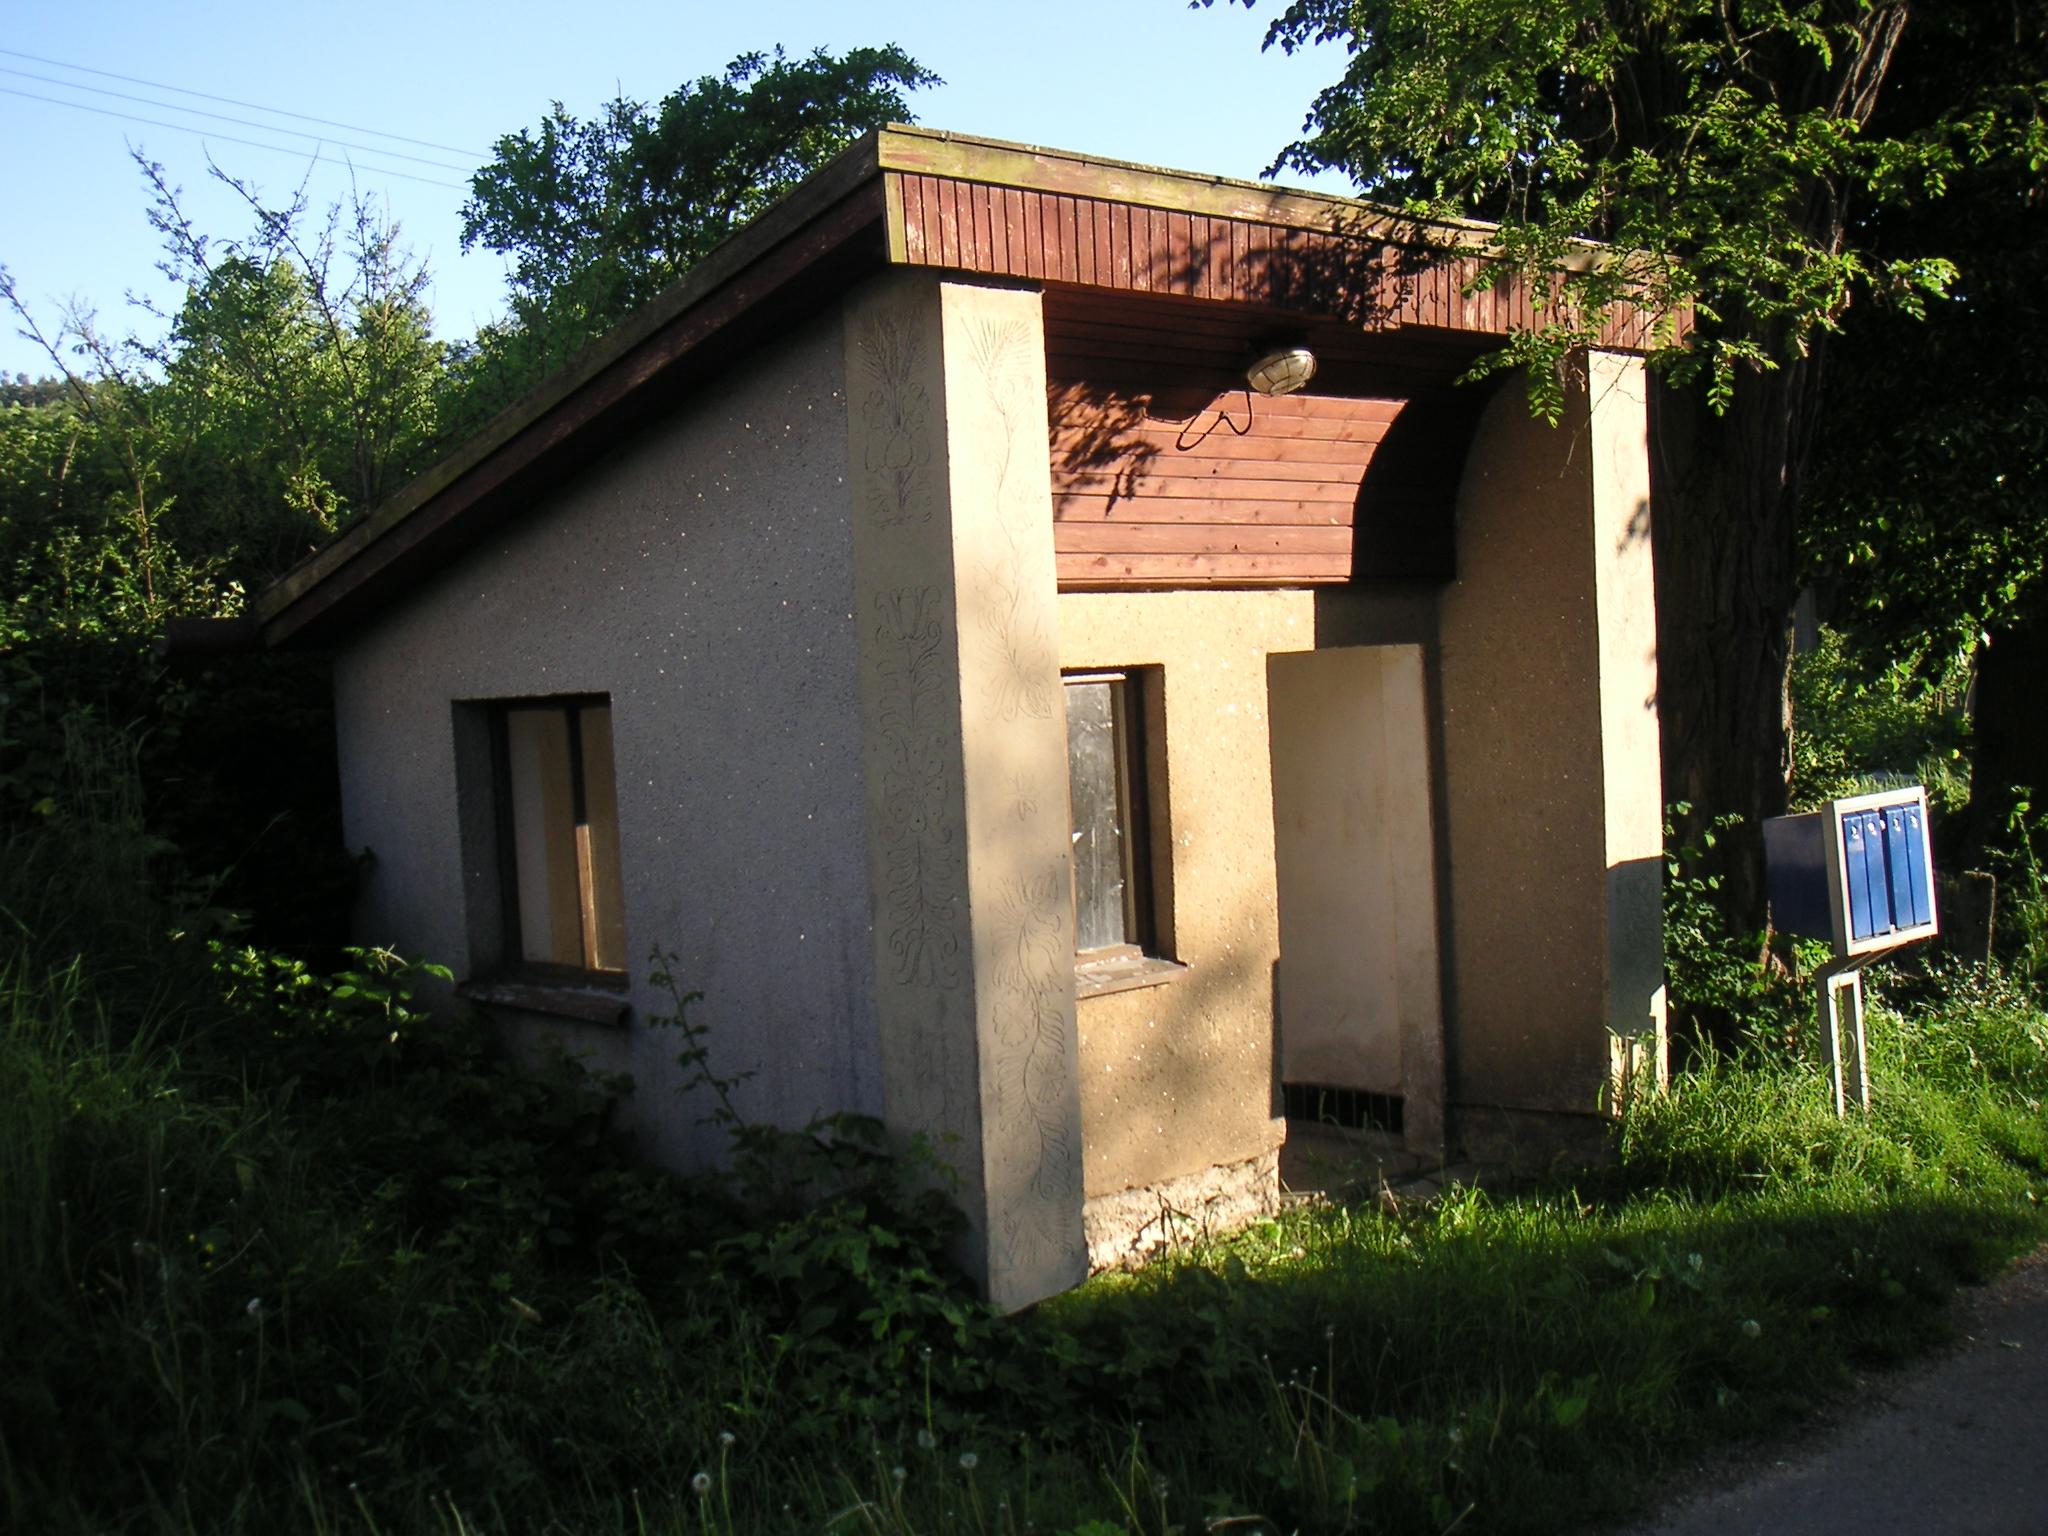 Prackov pod Kozákovem, 23.5.2009